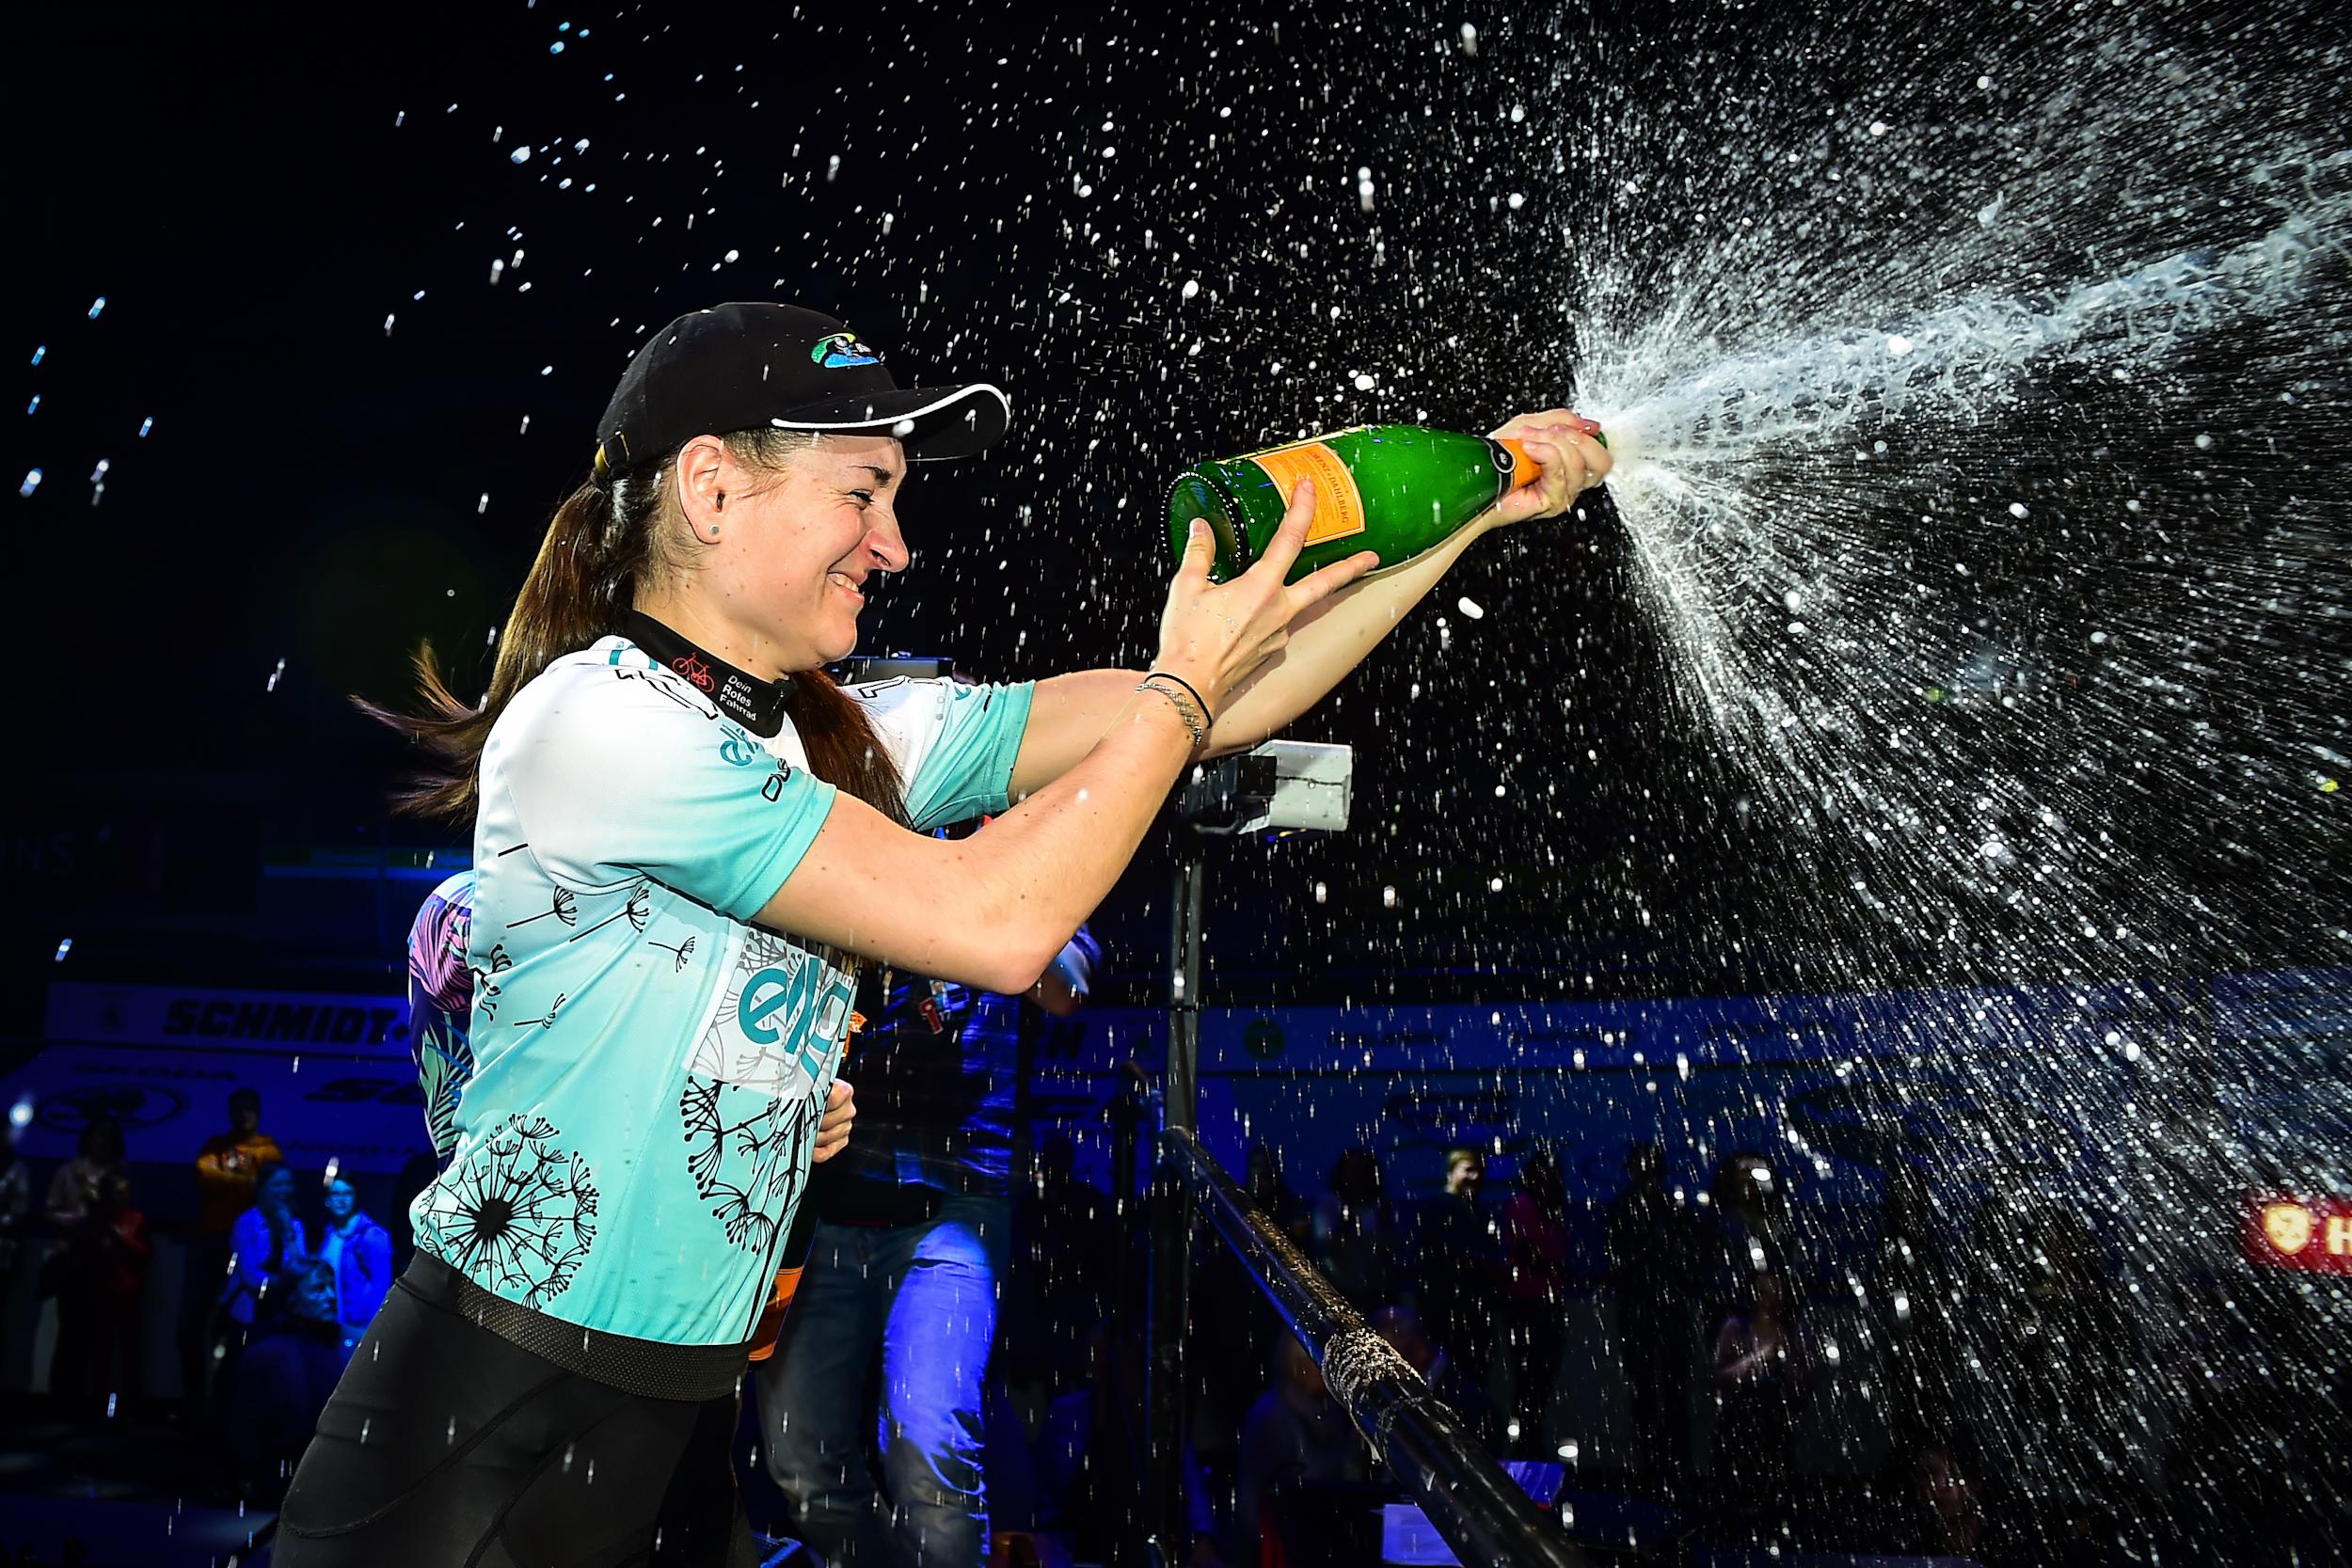 Anna Knauer gewinnt Frauenwettbewerb